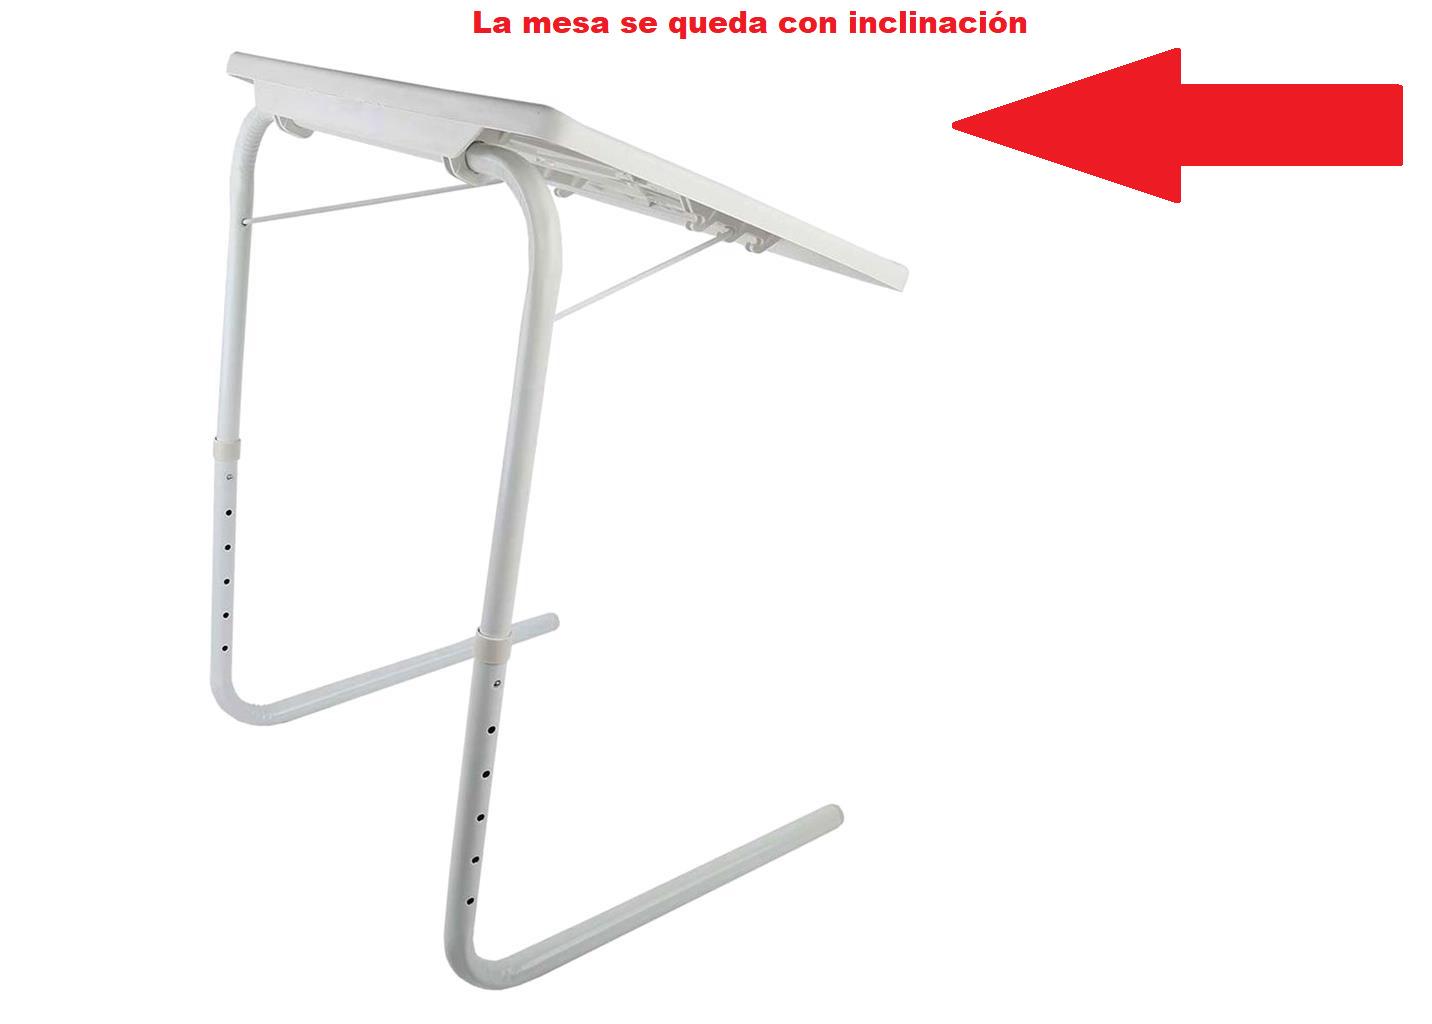 MESA PLEGABLE TABLE MATE PLASTICO PORTATIL ESCRITORIO SOFA VISTO EN TV NIVELES